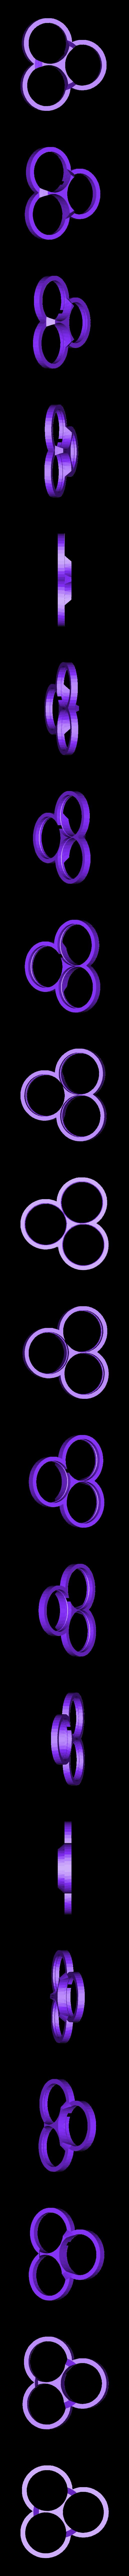 ledhalterung.stl Download free STL file LED Mount • 3D printer object, AlbertKhan3D